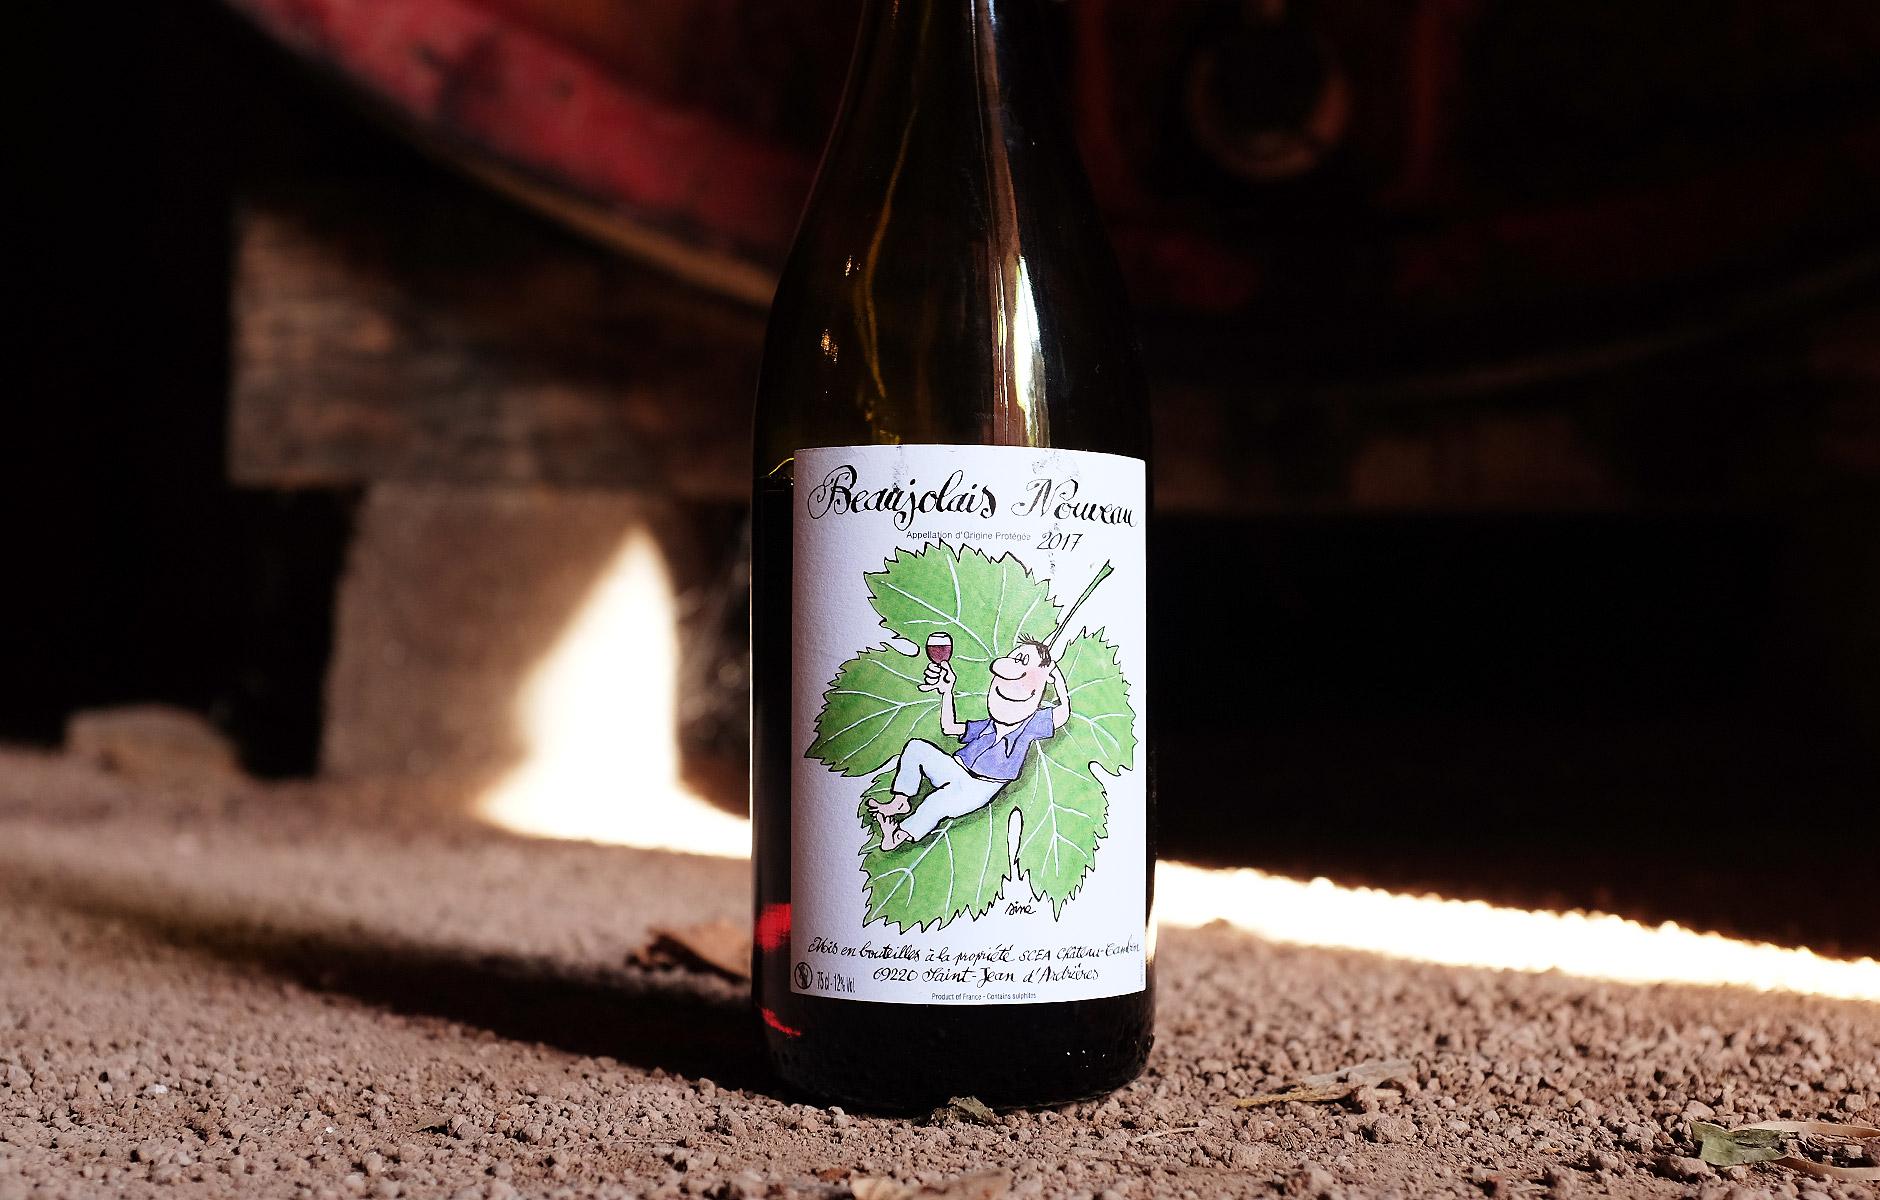 beaujolais nouveau 2017 vinmonopolet